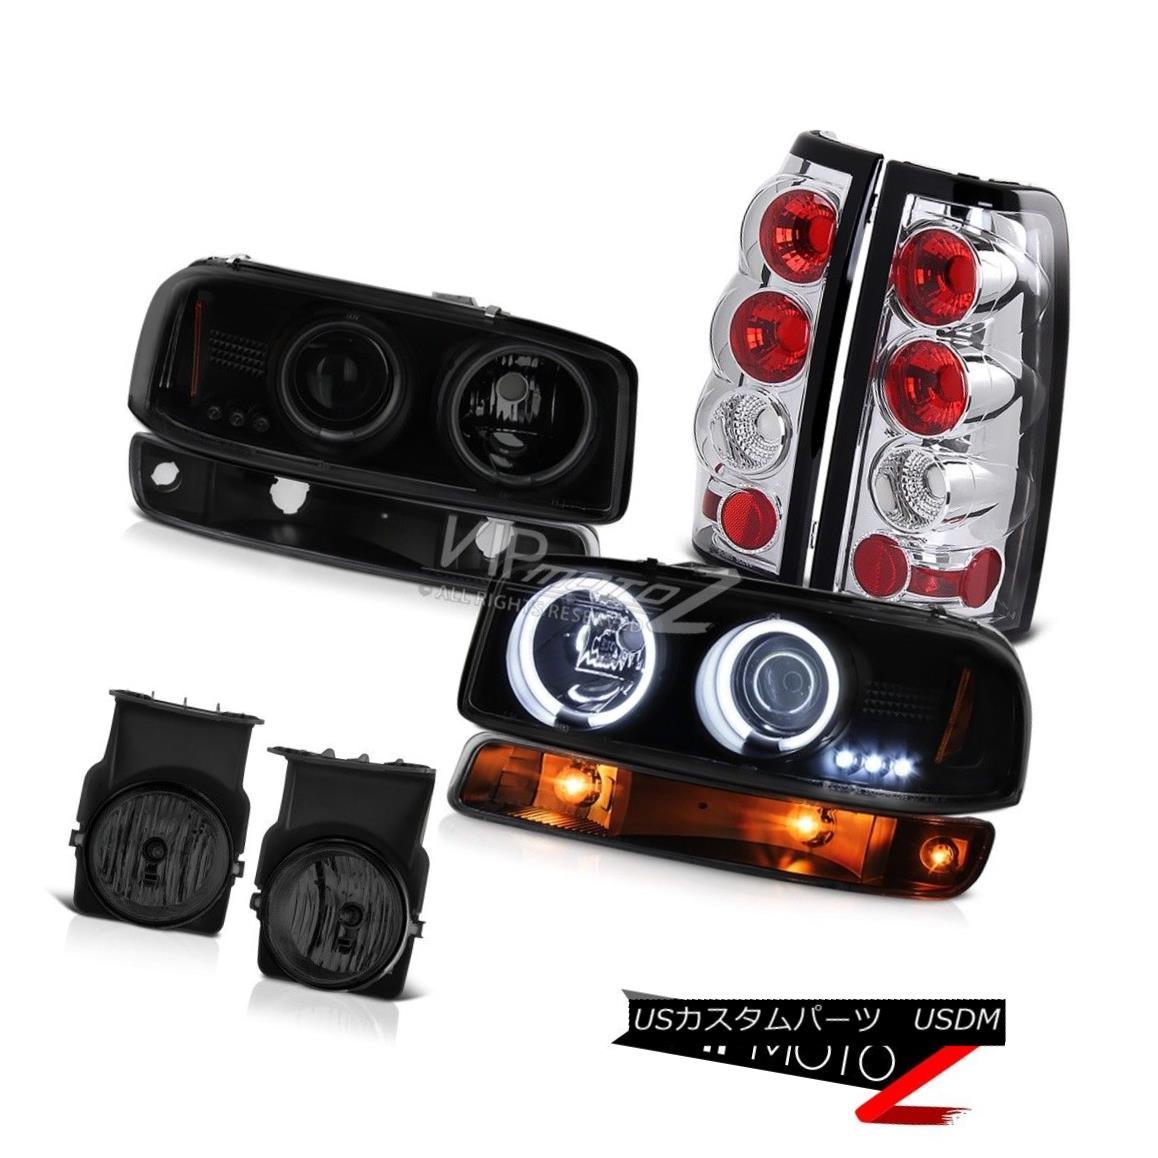 ヘッドライト 03-06 Sierra SLE Foglamps chrome taillights black turn signal ccfl headlights 03-06 Sierra SLE Foglampsクロームテールライトブラックターンシグナルccflヘッドライト